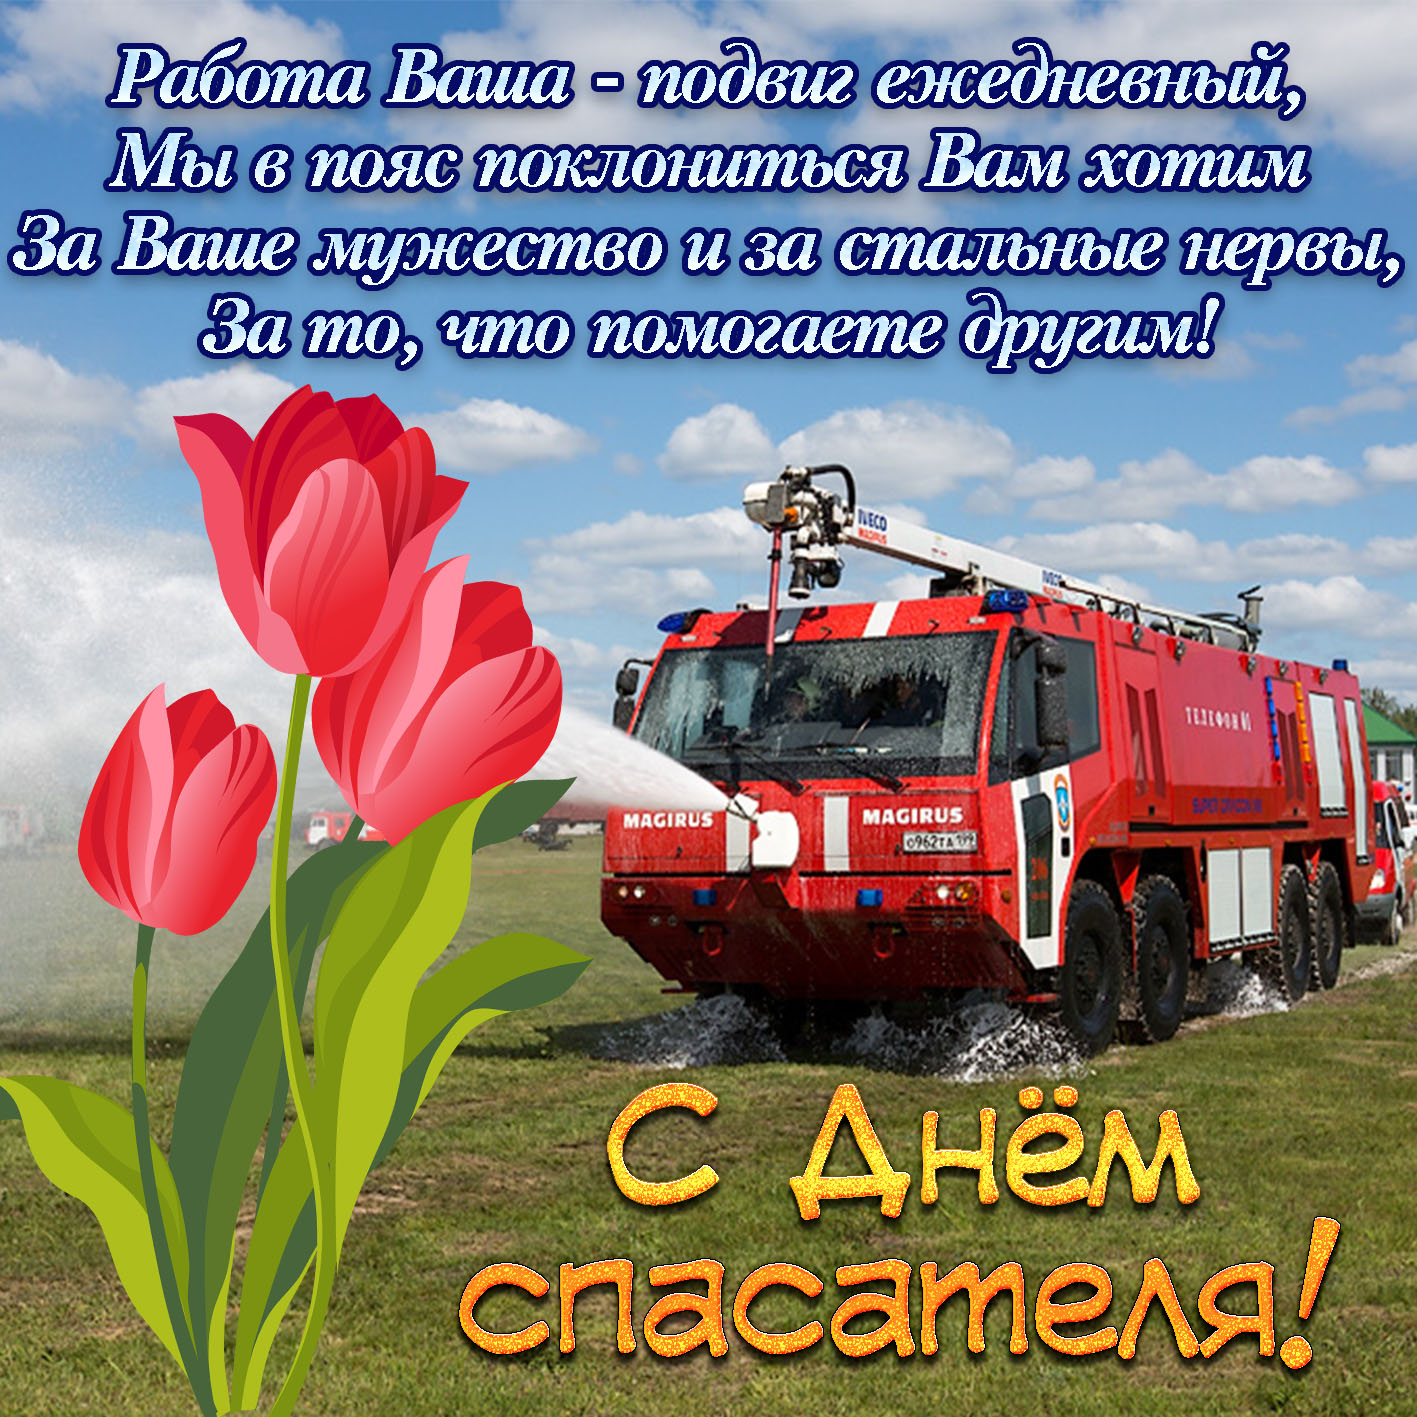 Картинка с пожеланием на День спасателя